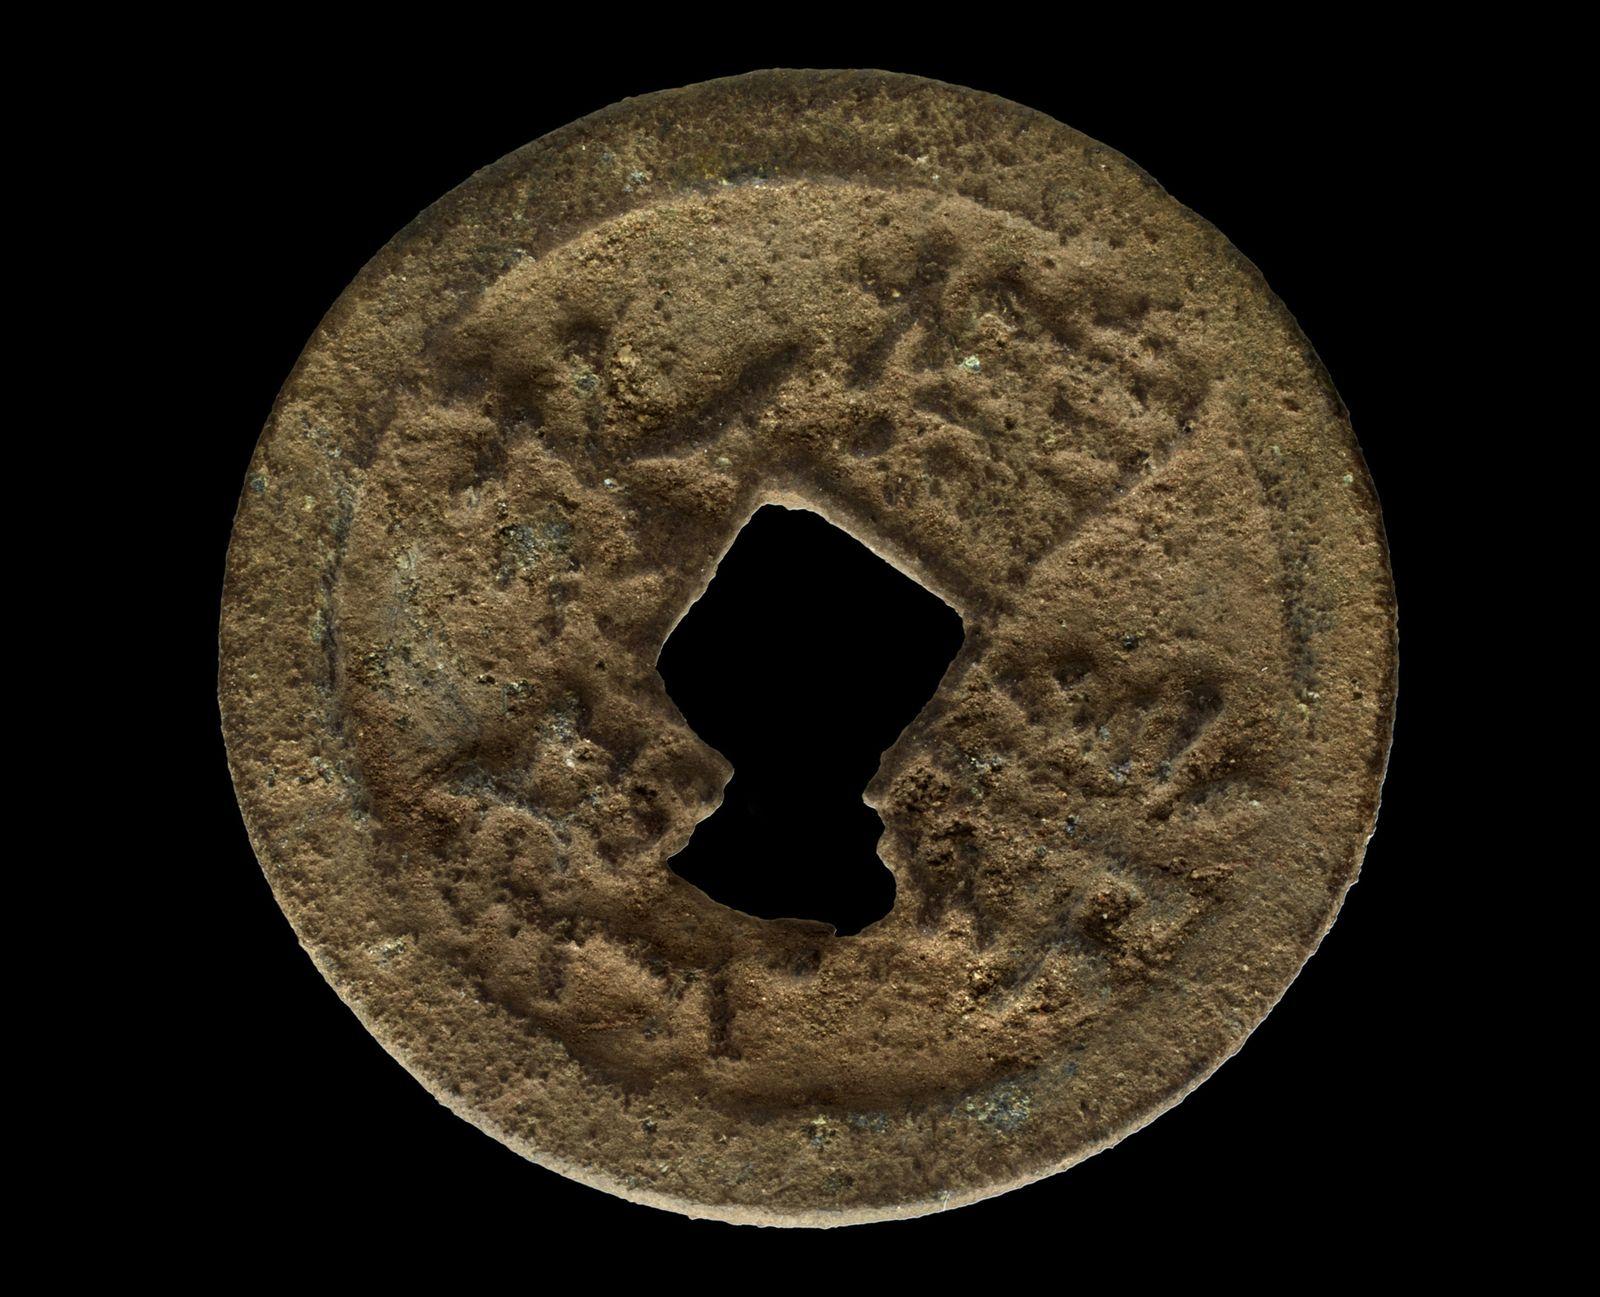 AUSGEGRABEN Chinesische Münze / Kenia